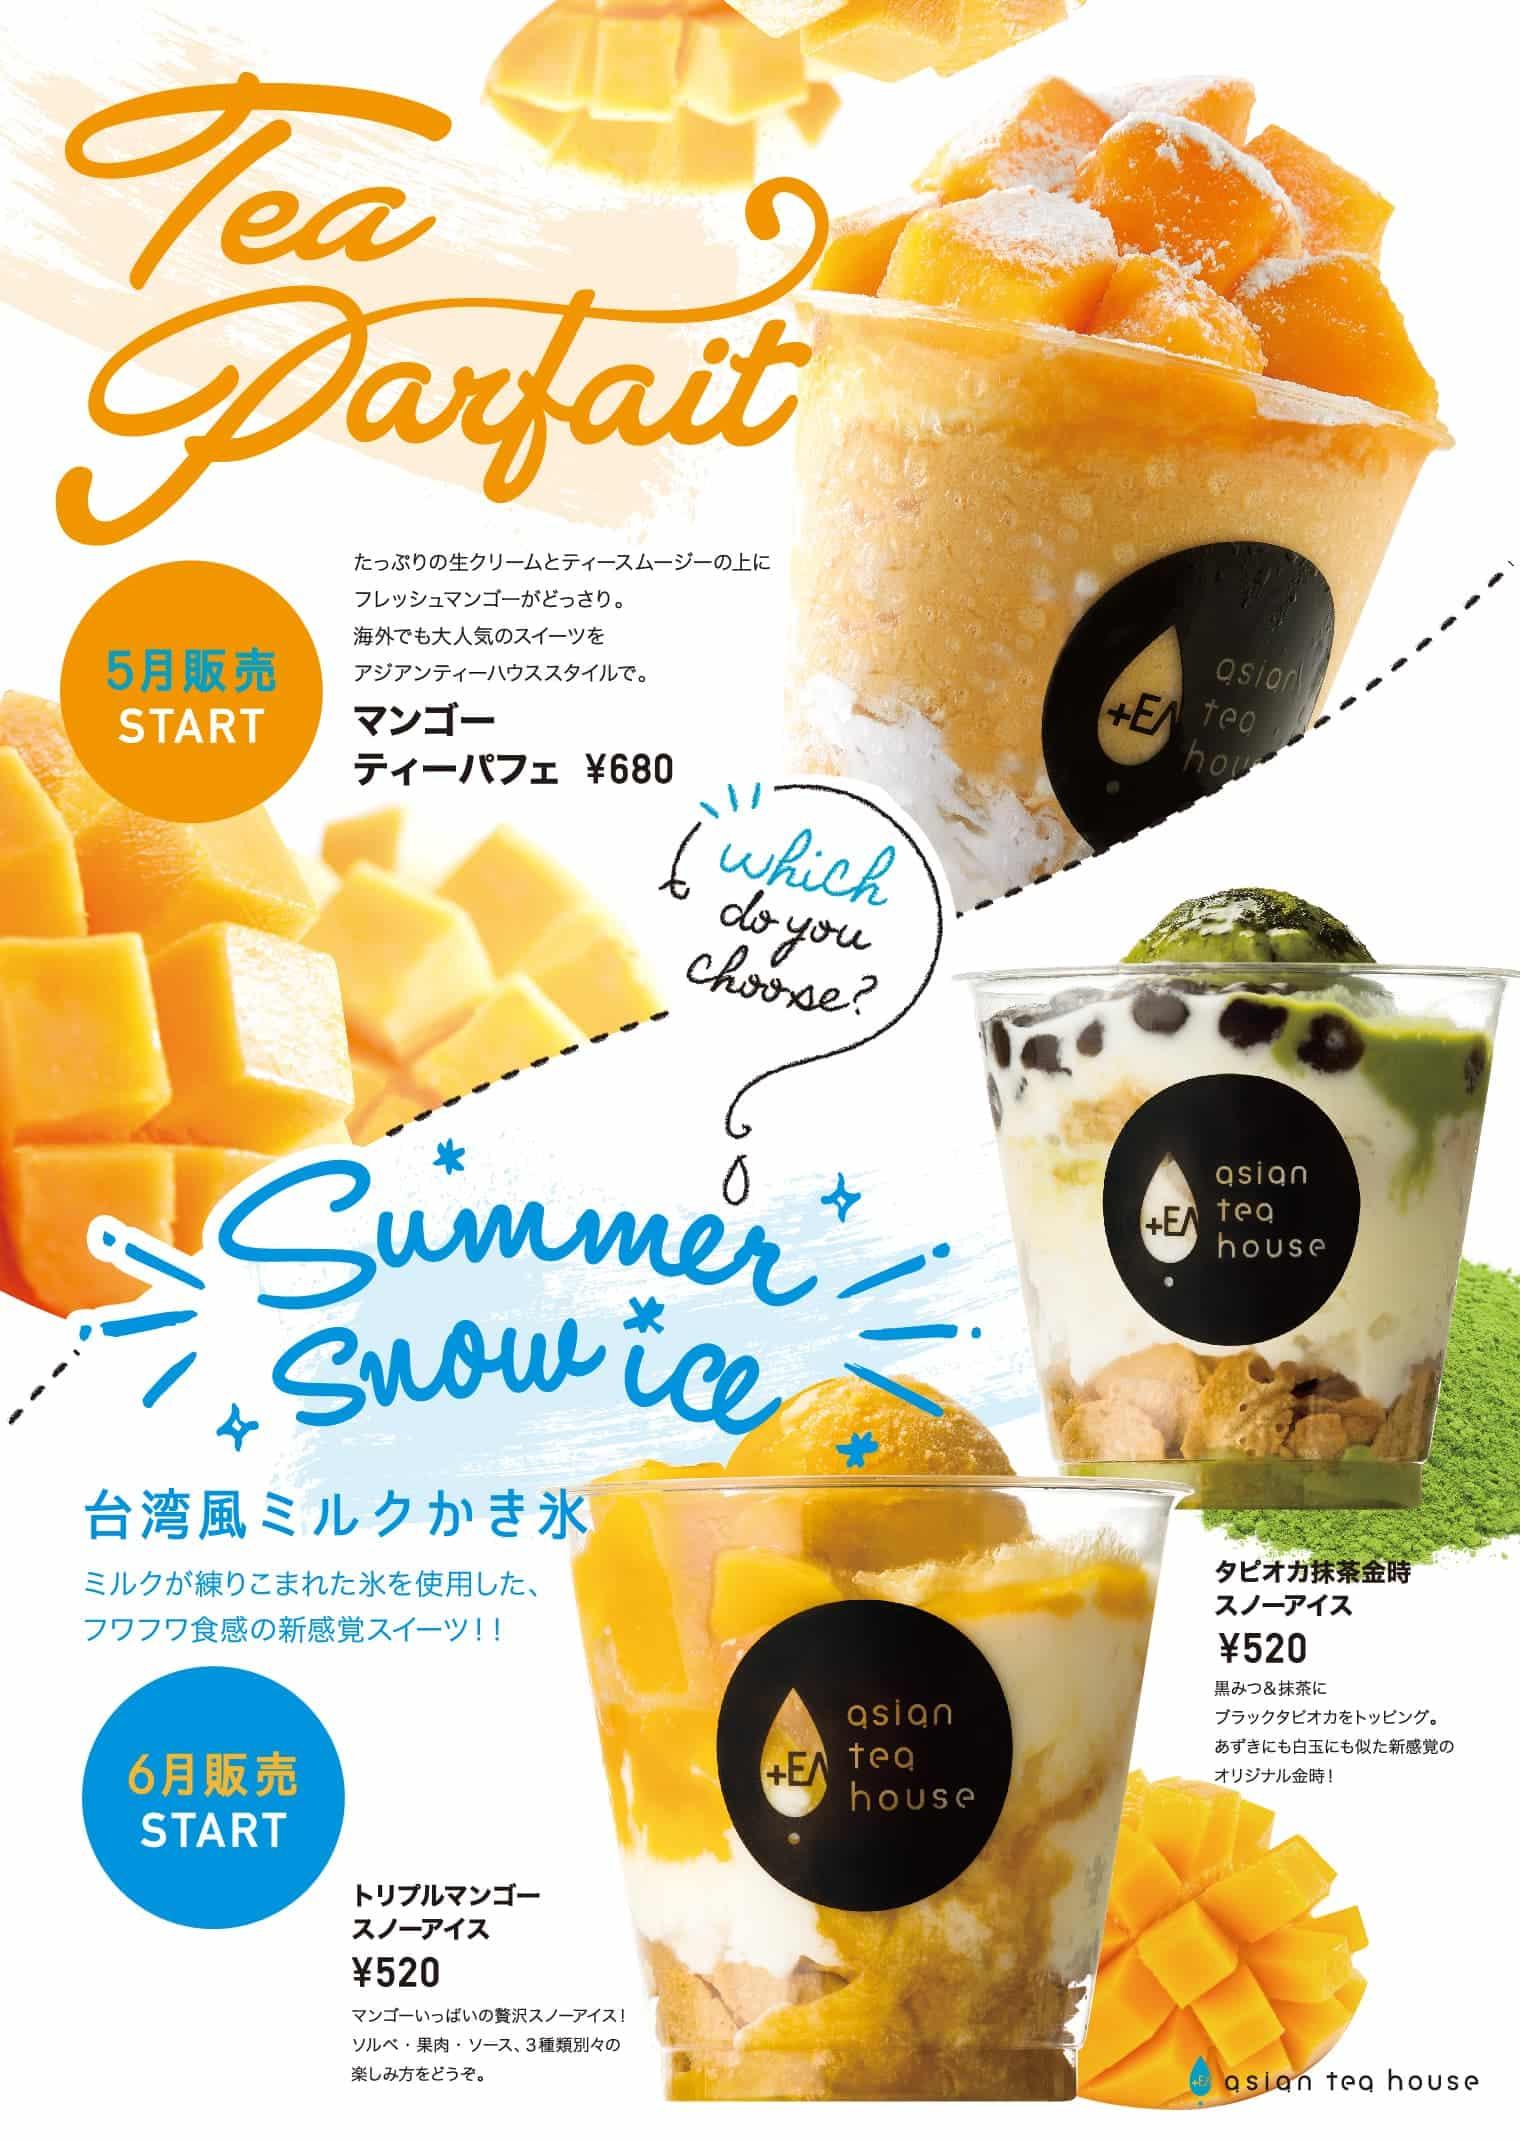 10 1 - ตัวอย่างป้ายเมนูเครื่องดื่มกาแฟ เมนูอาหารดีไซน์สไตล์ญี่ปุ่น